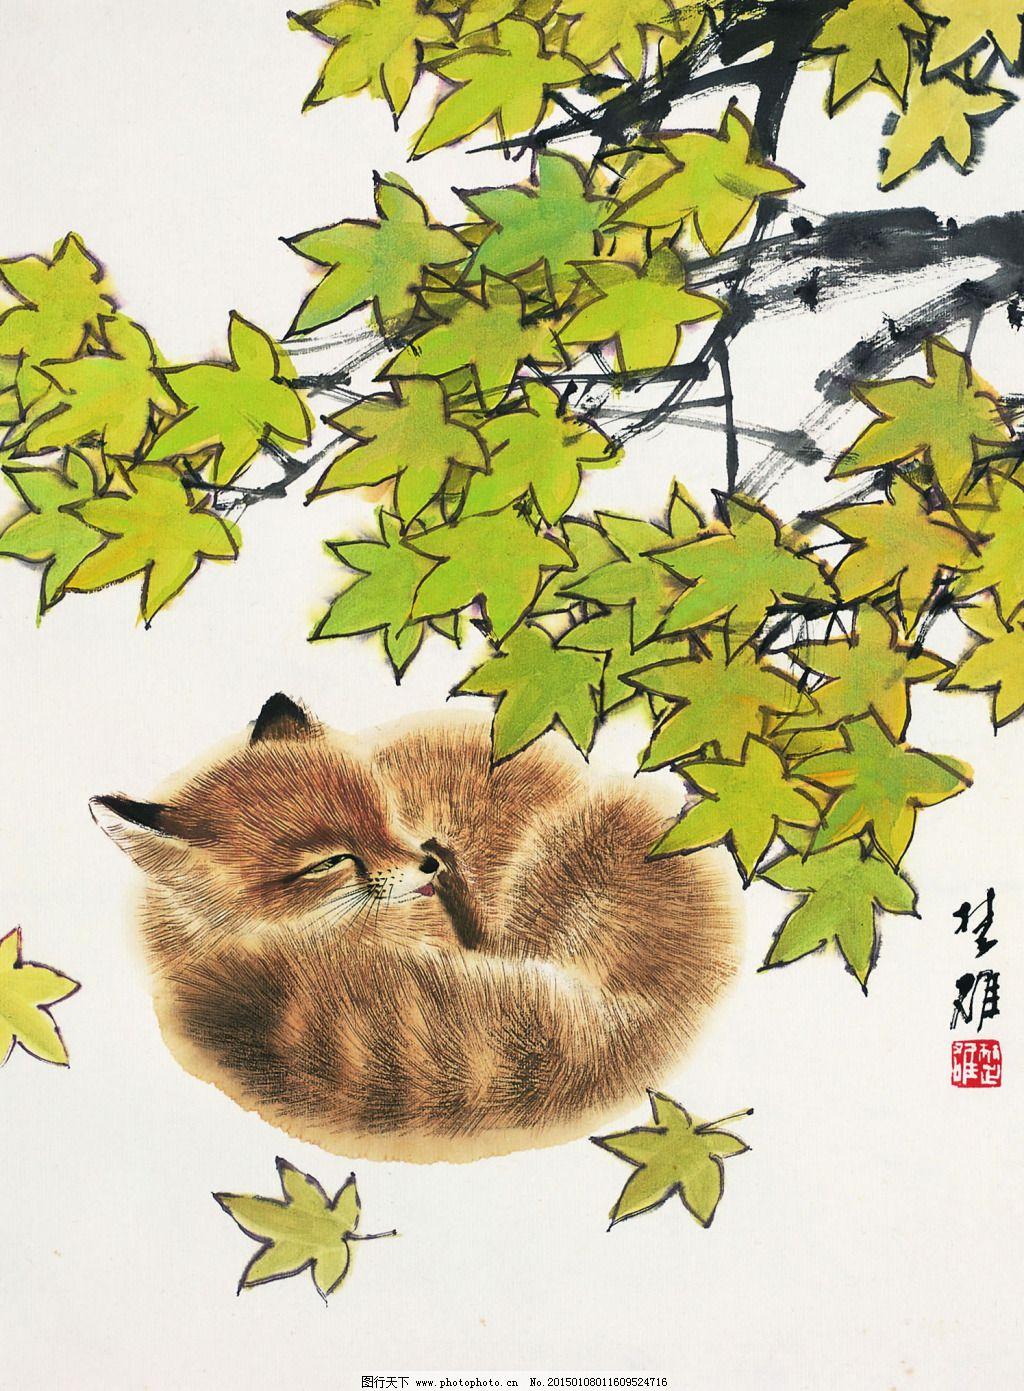 午后小憩免费下载 刺绣 狐狸 中国画 中国画 镜心 立轴 工笔动物画